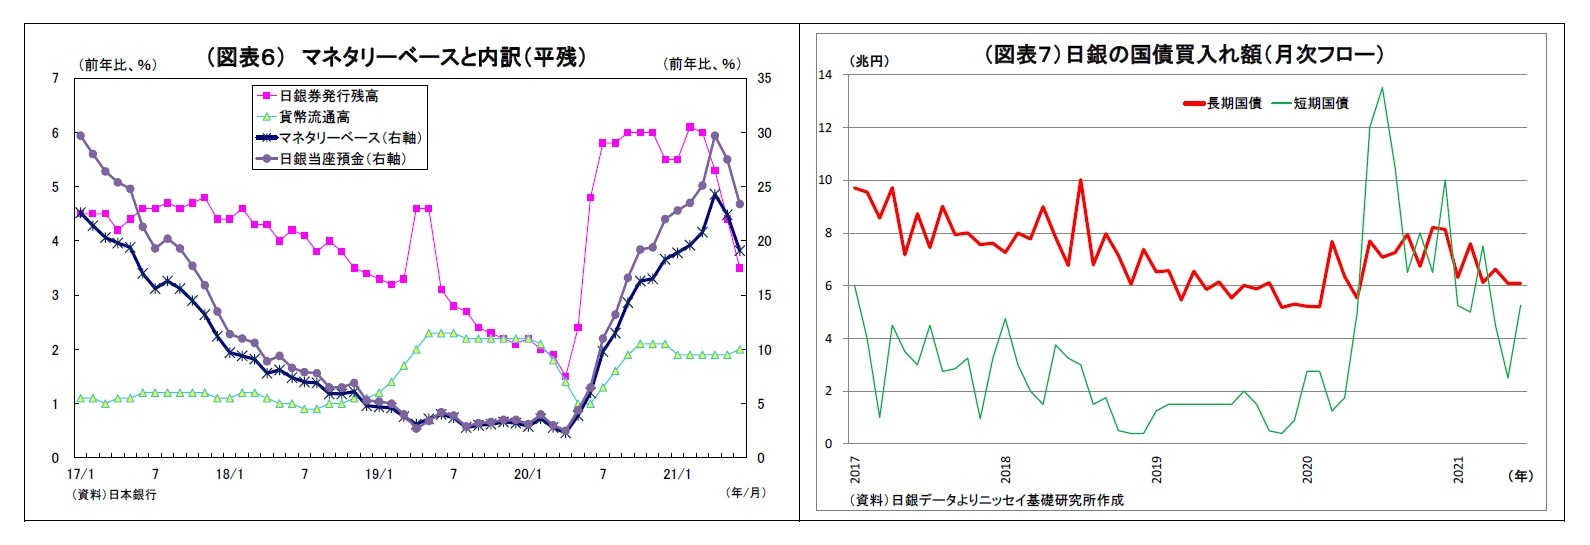 (図表6) マネタリーベースと内訳(平残)/(図表7)日銀の国債買入れ額(月次フロー)